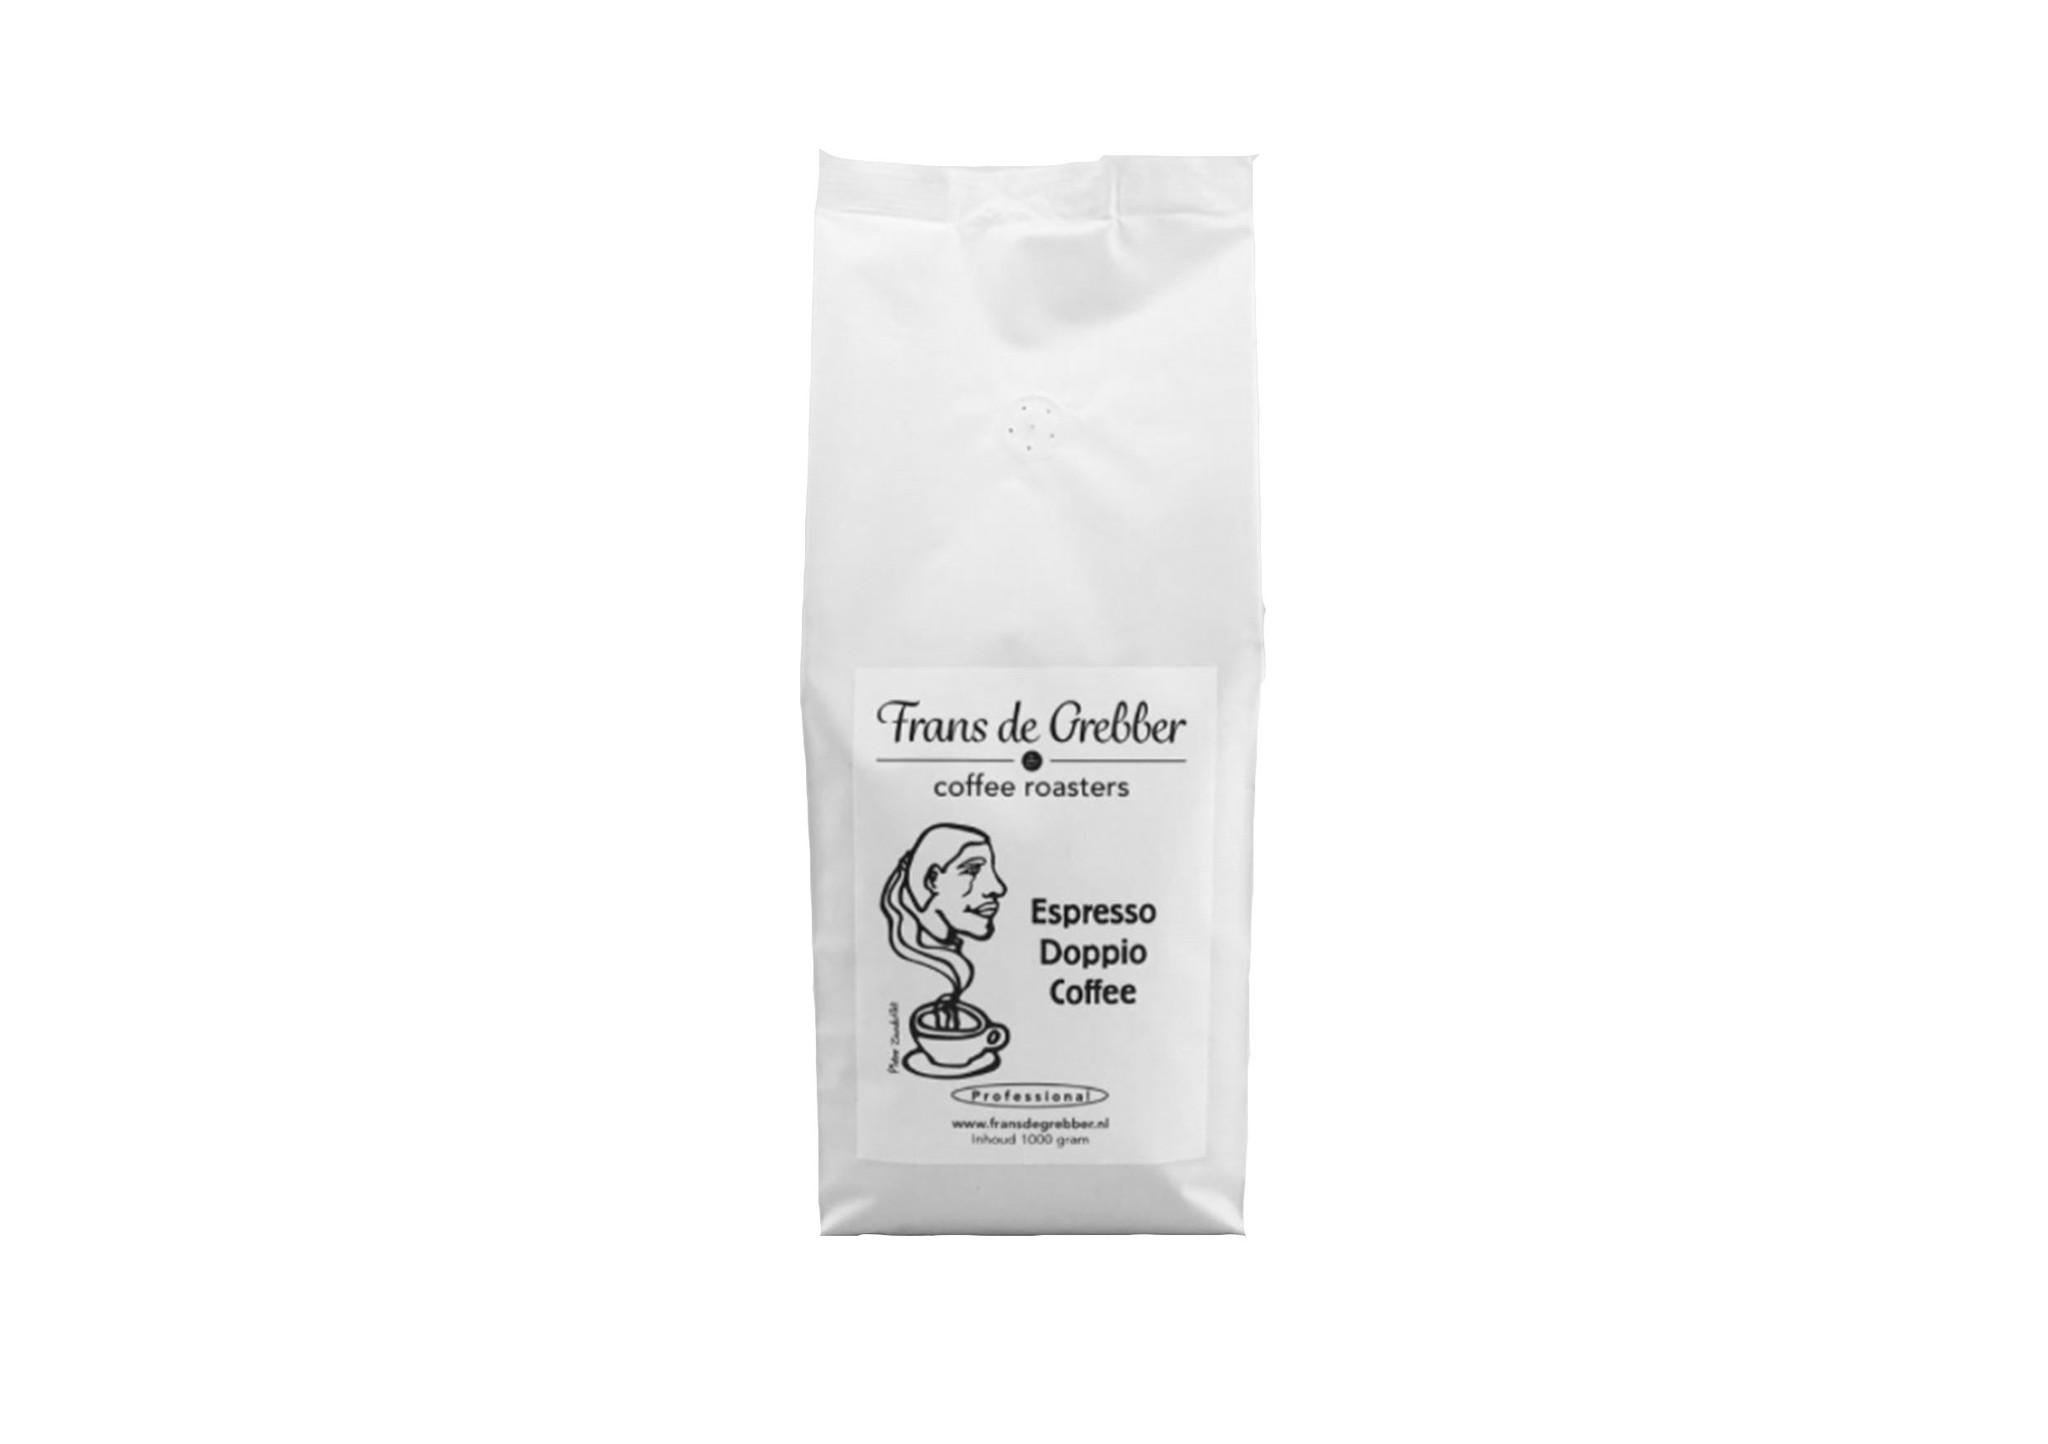 Professional Espresso Doppio Coffee